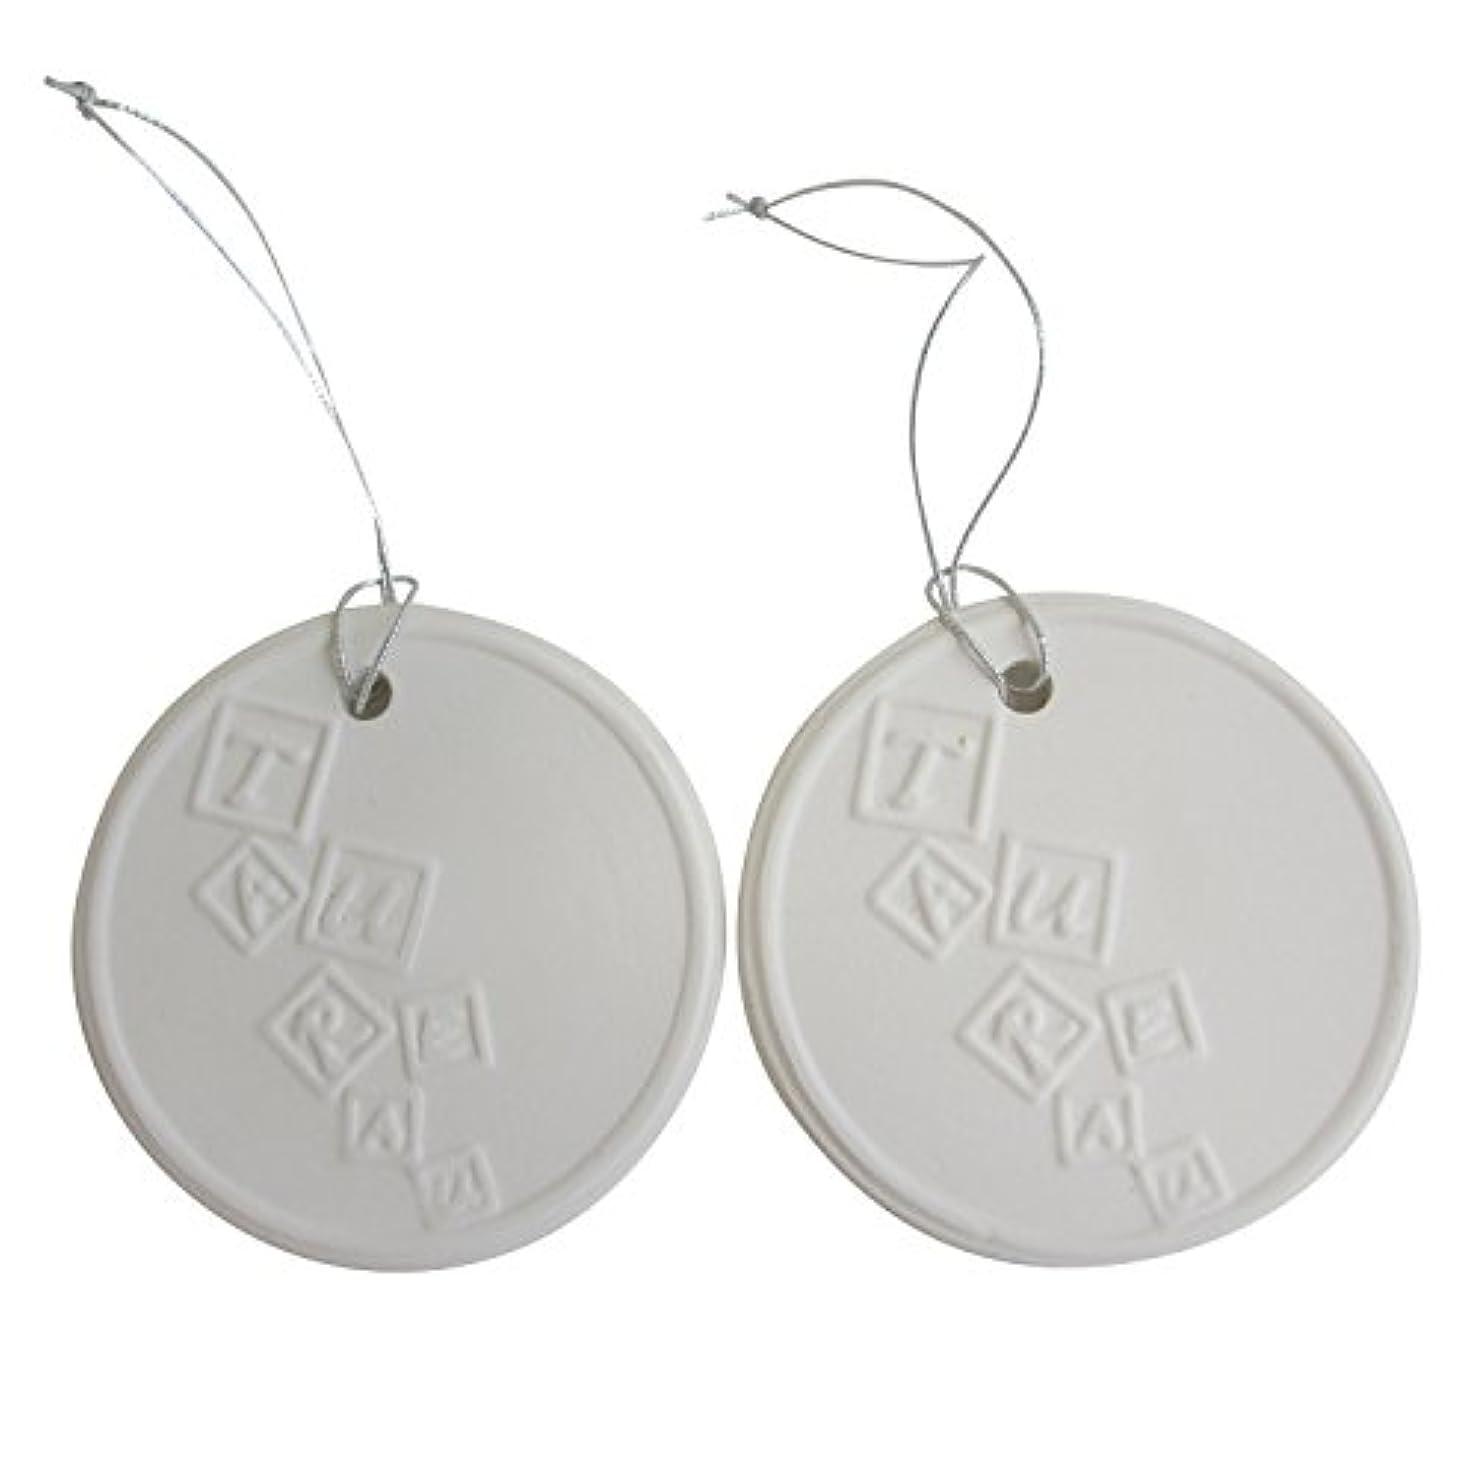 に話す入力アイスクリームアロマストーン ホワイトコイン 2セット(ロゴ2) アクセサリー 小物 キーホルダー アロマディフューザー ペンダント 陶器製